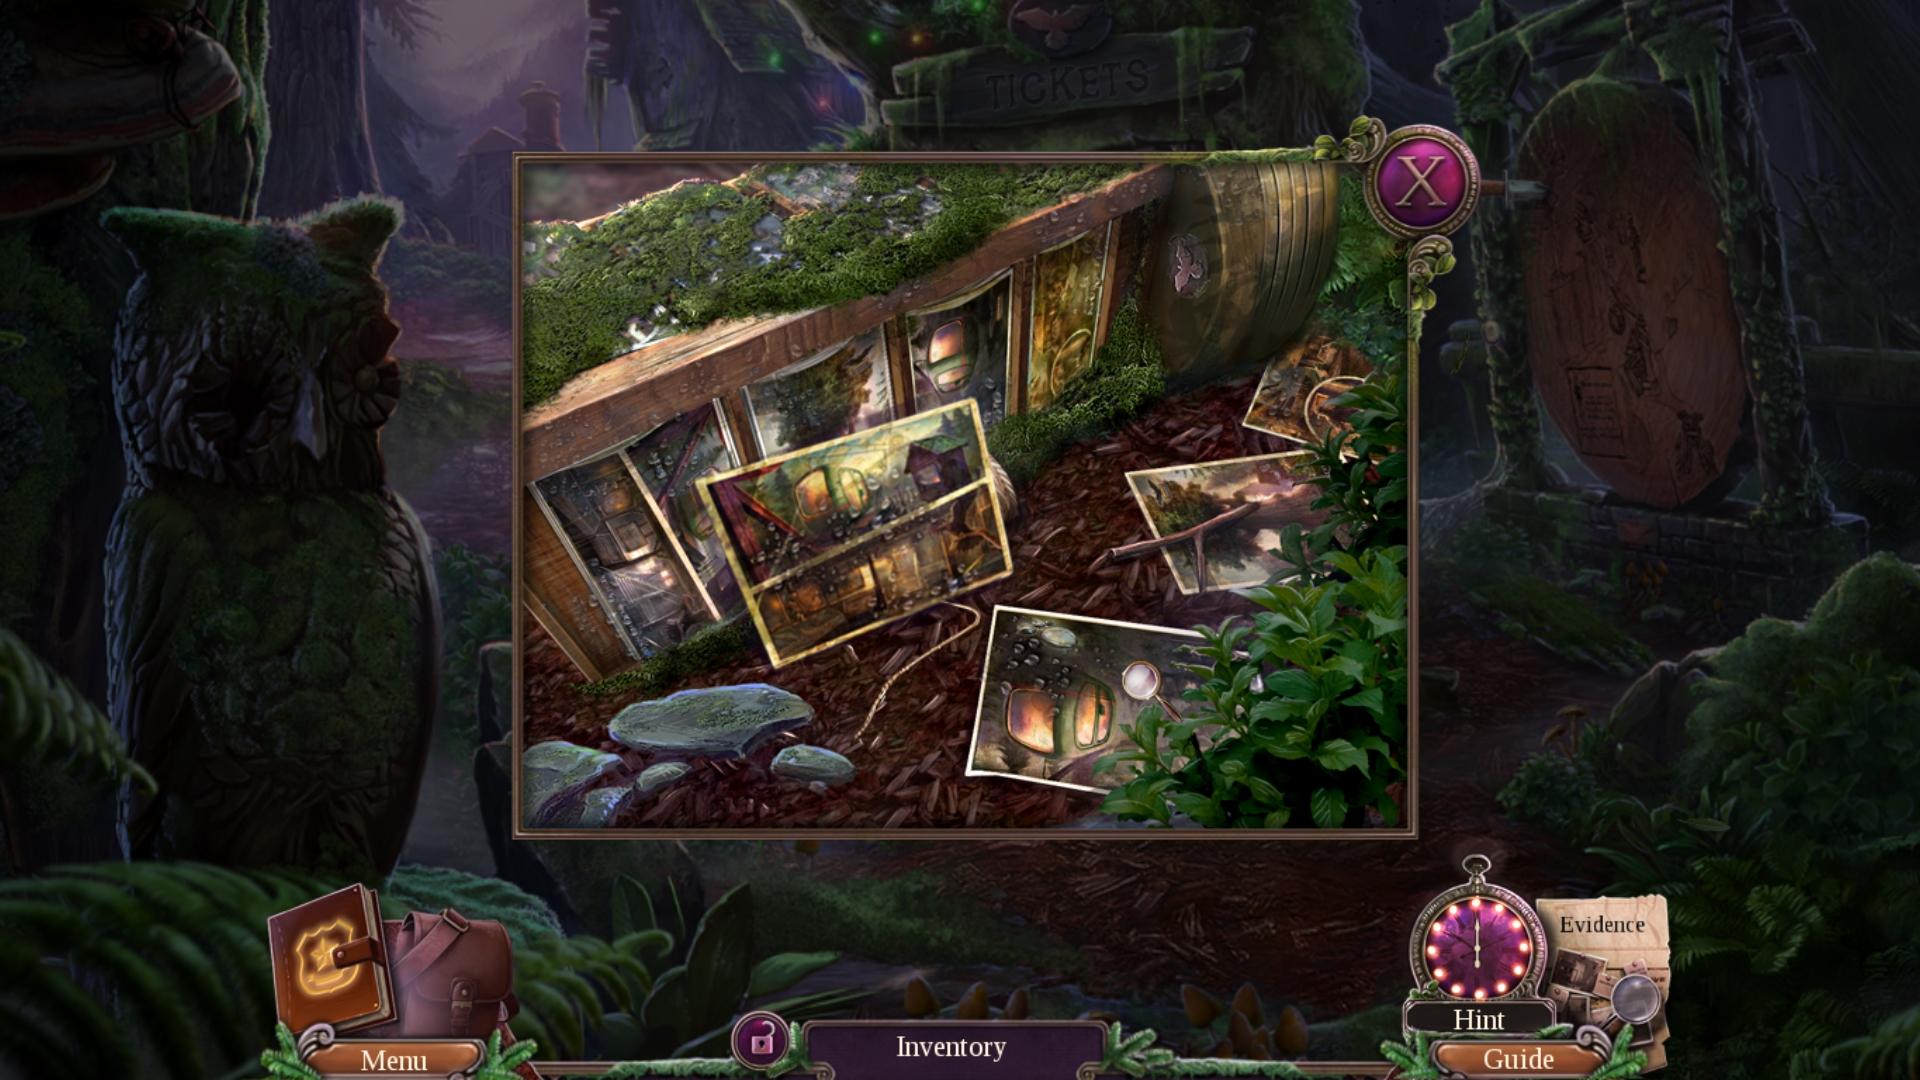 Enigmatis 2: The Mists of Ravenwood screenshot